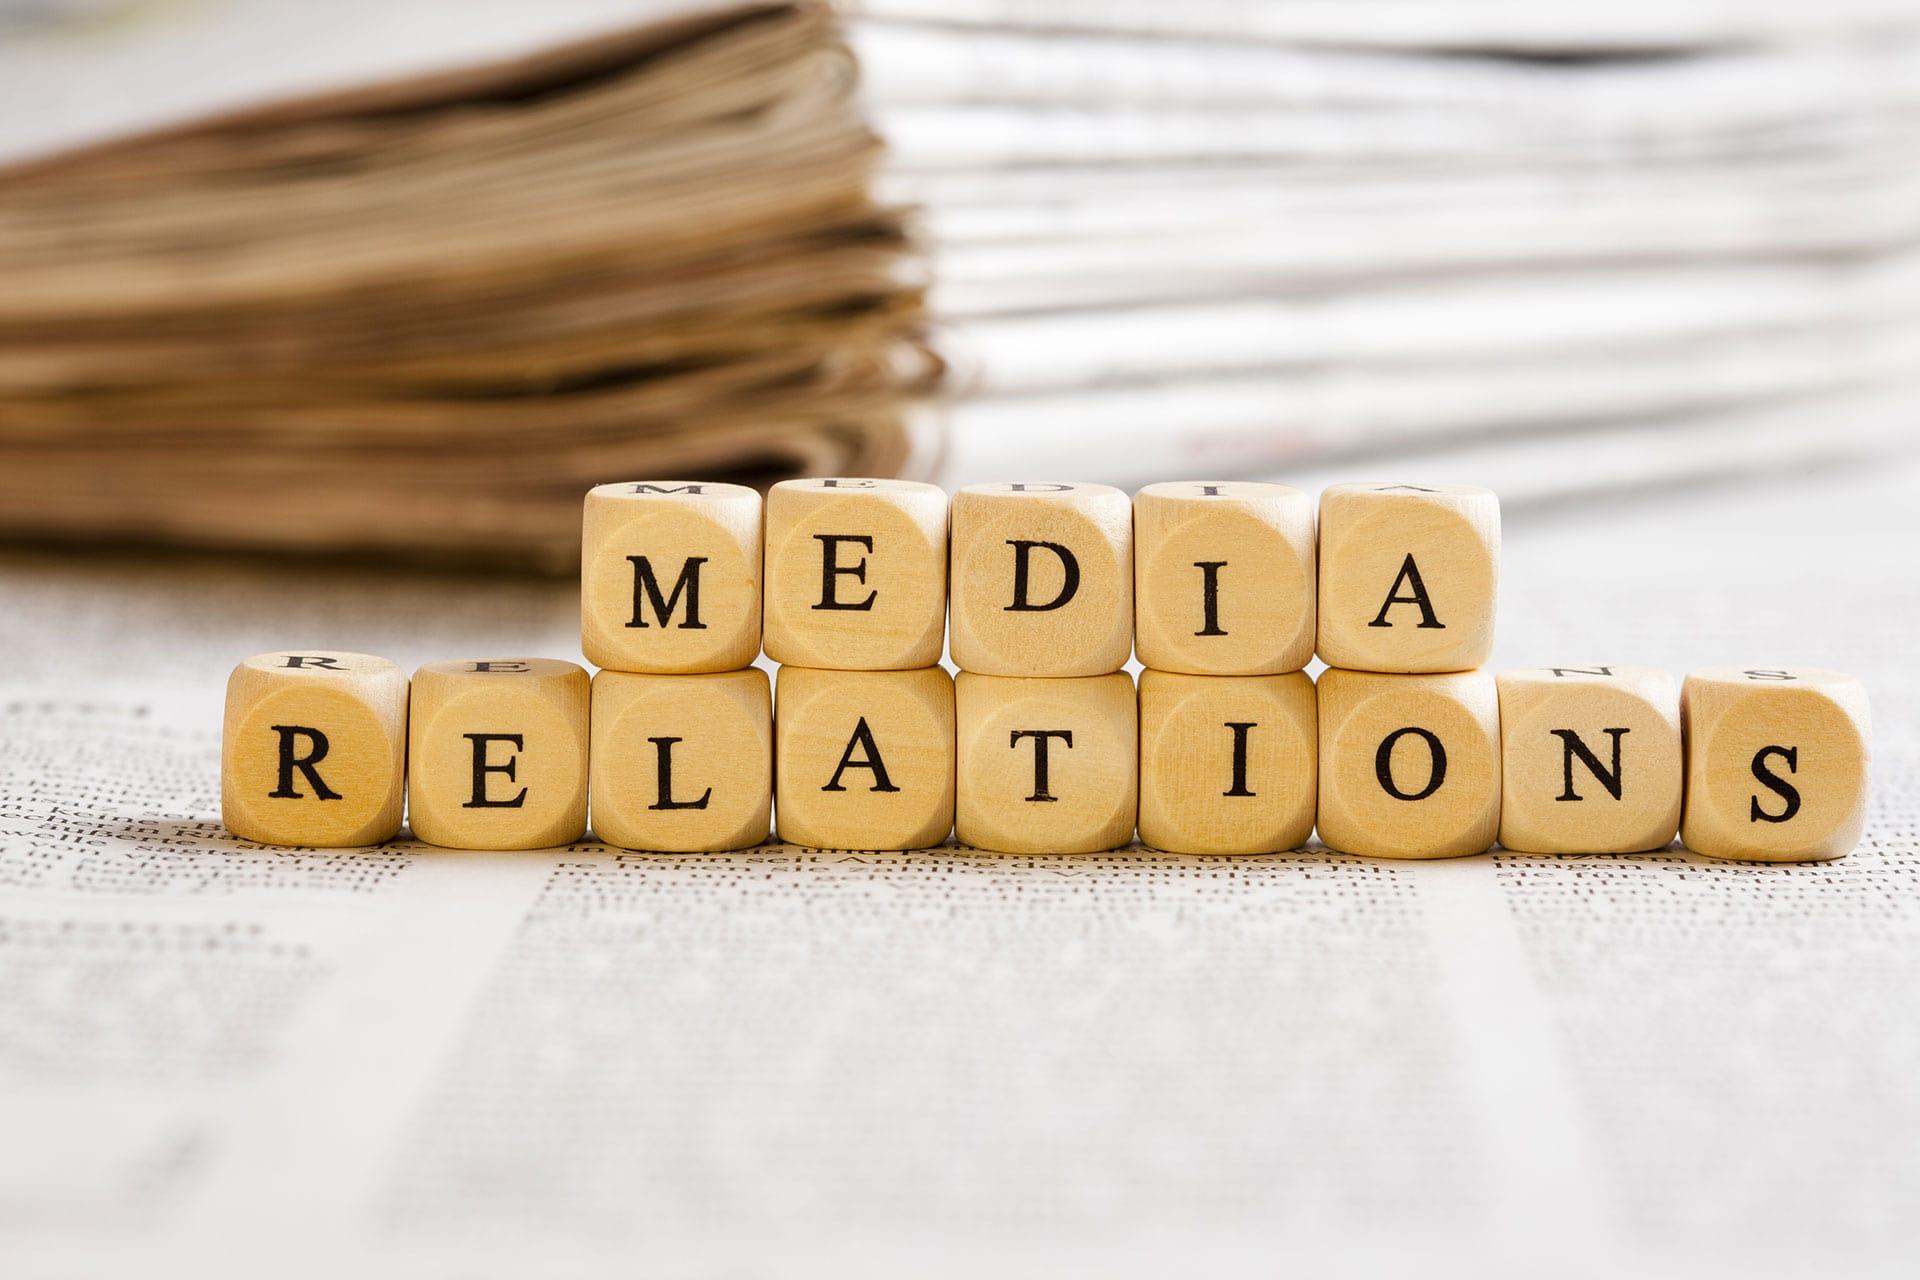 Media Realtions